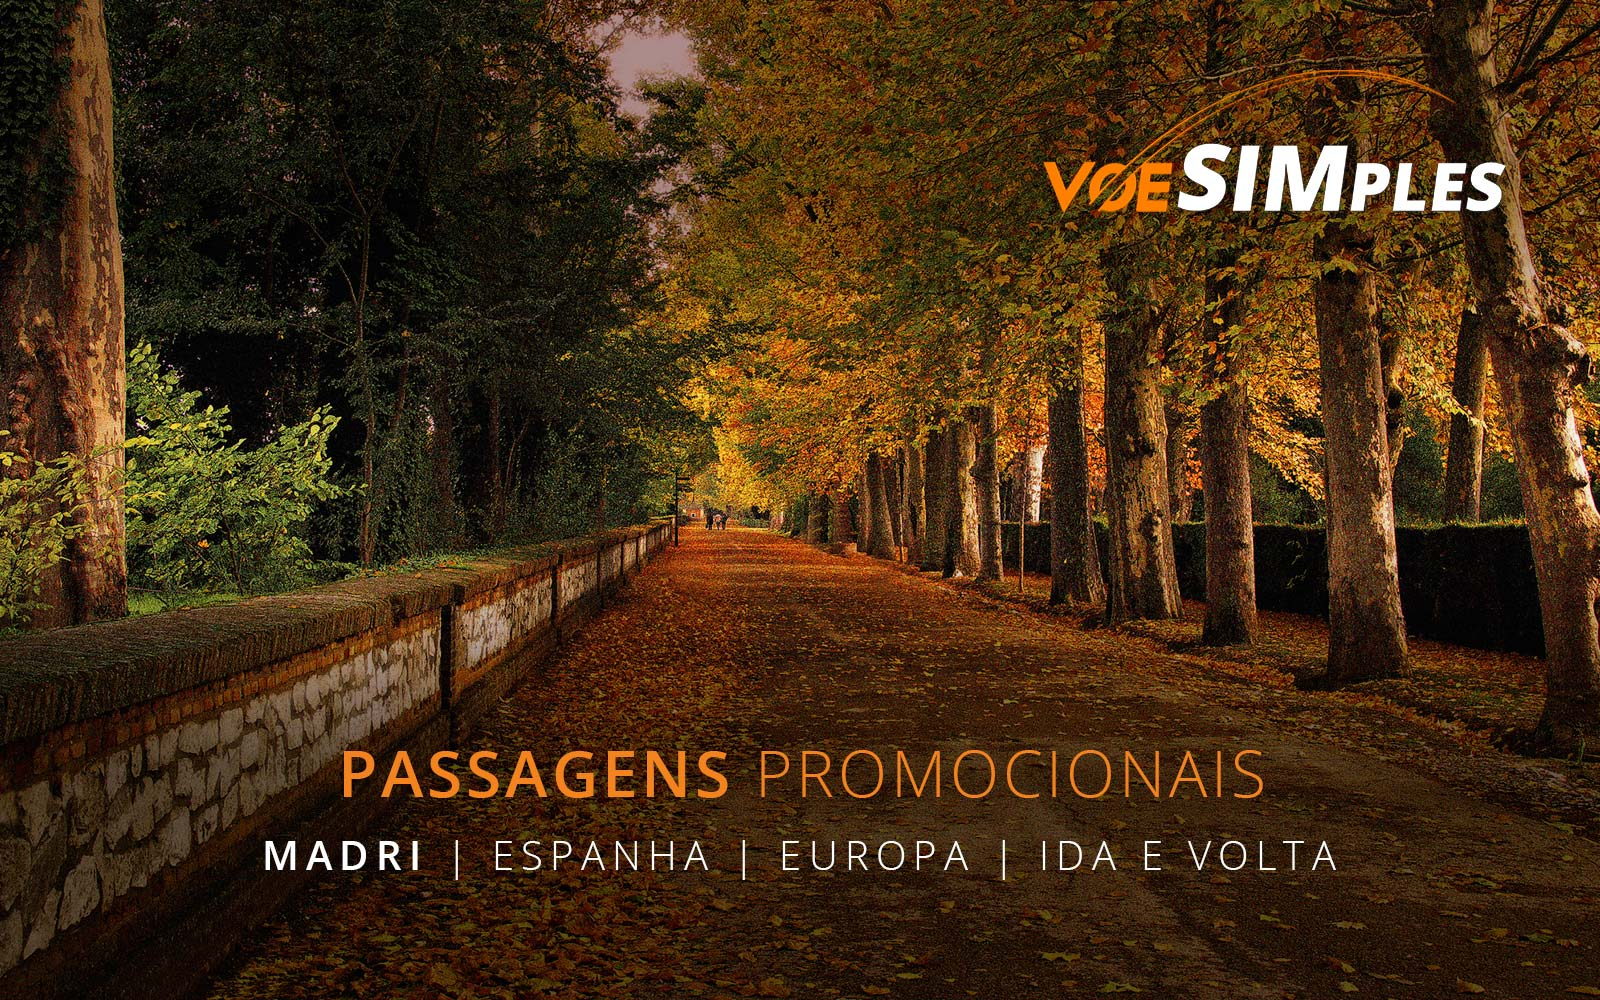 Promoção de passagens aéreas para Madri na Espanha